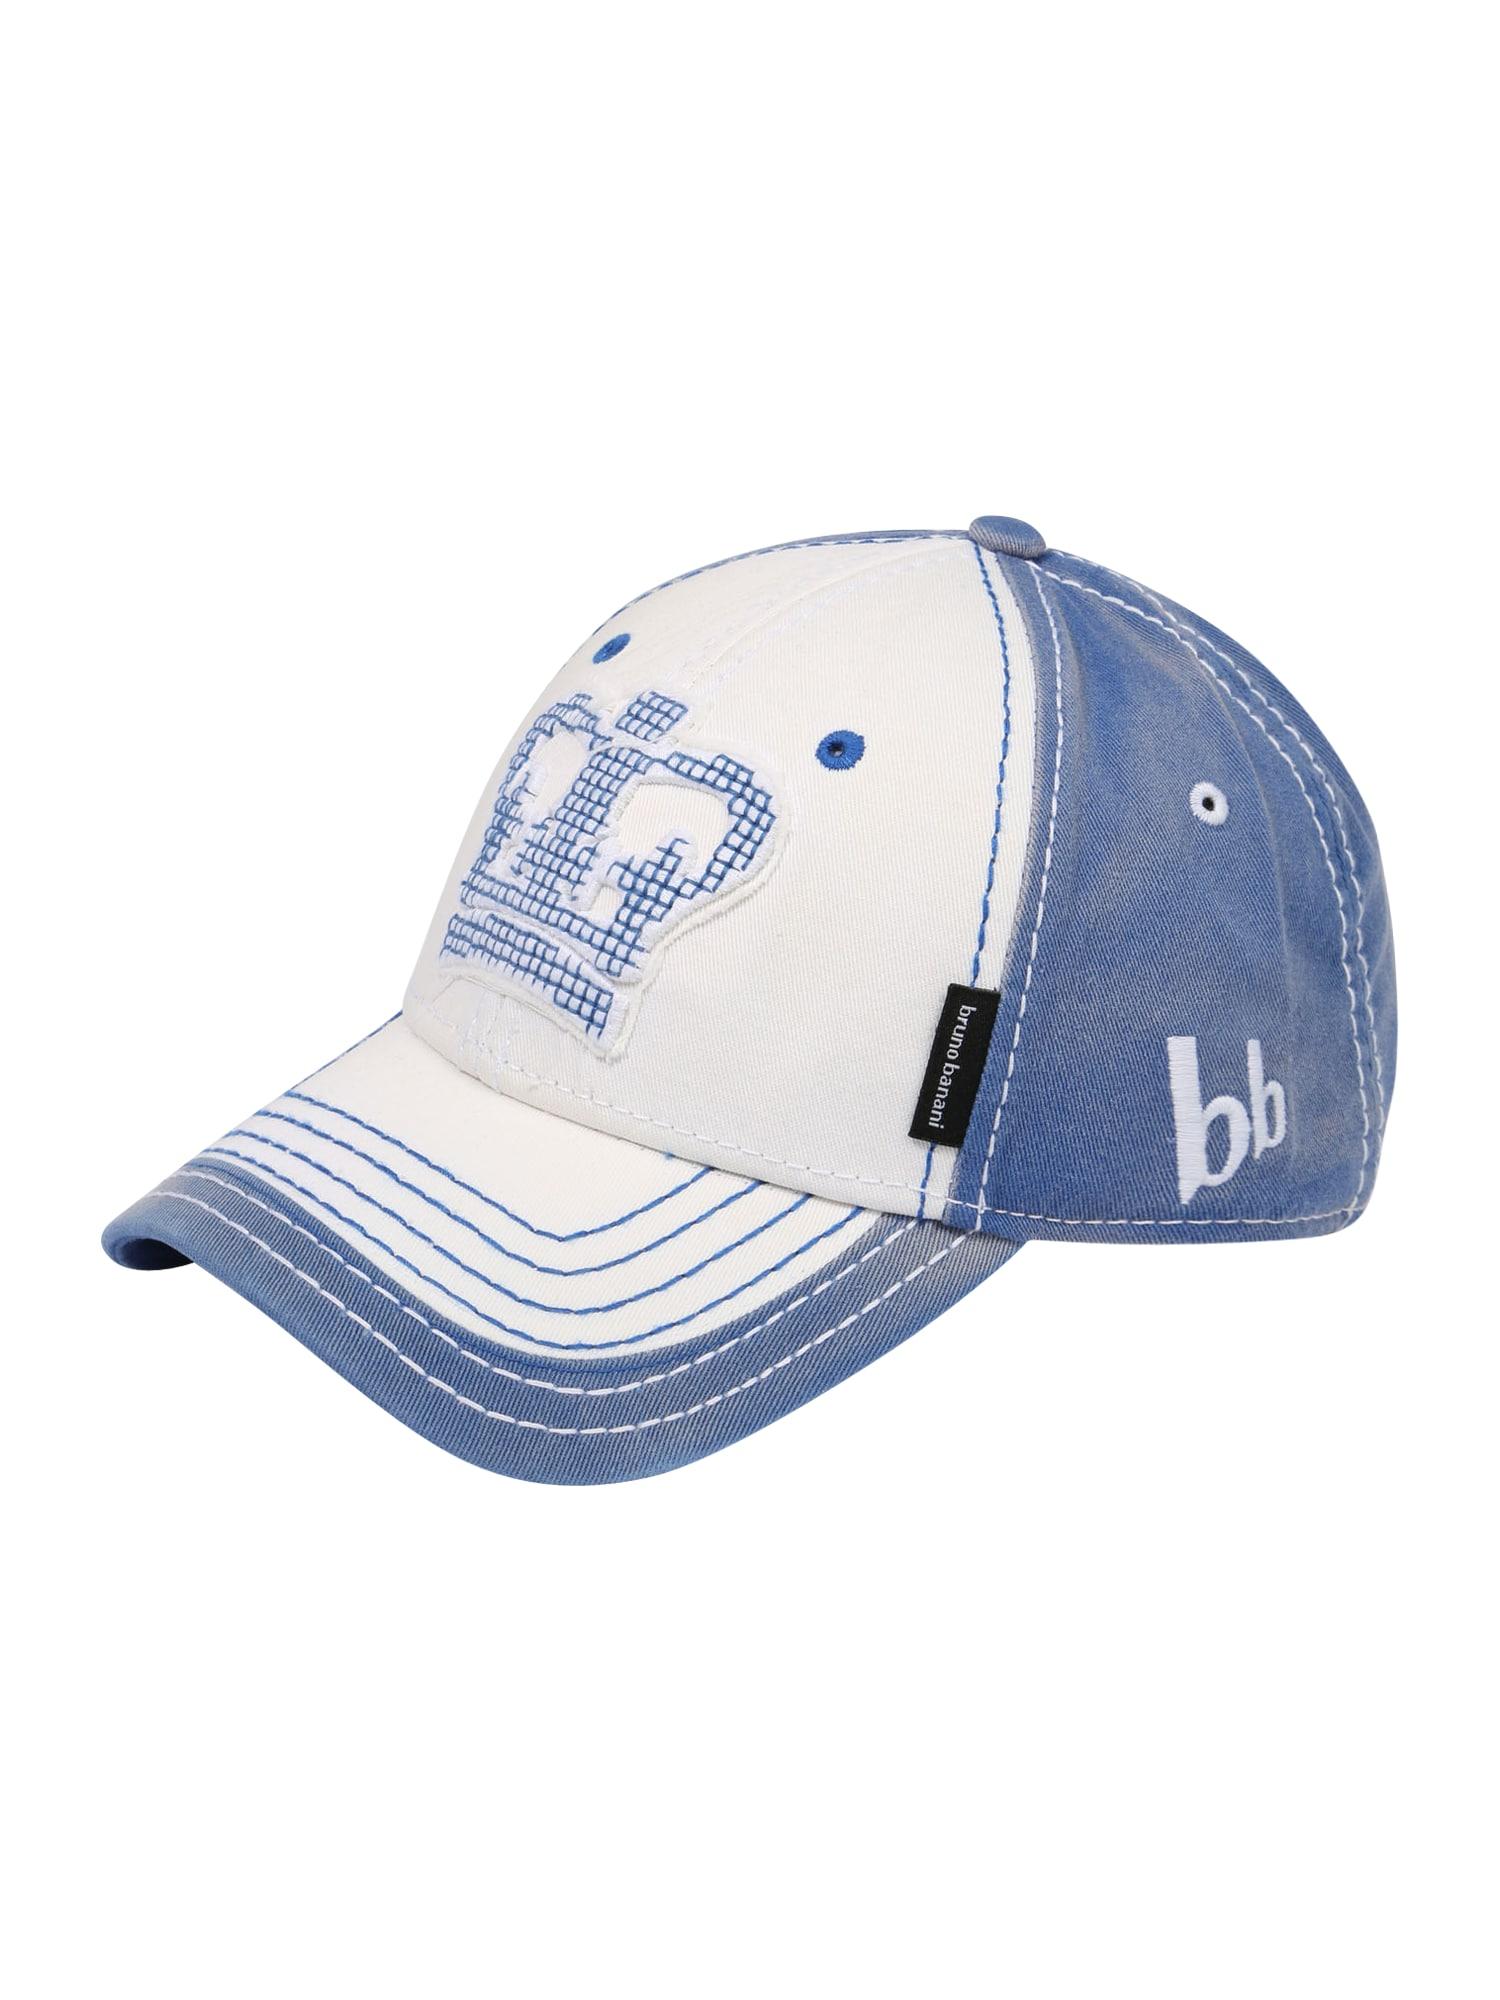 BRUNO BANANI Kepurė balta / tamsiai (džinso) mėlyna